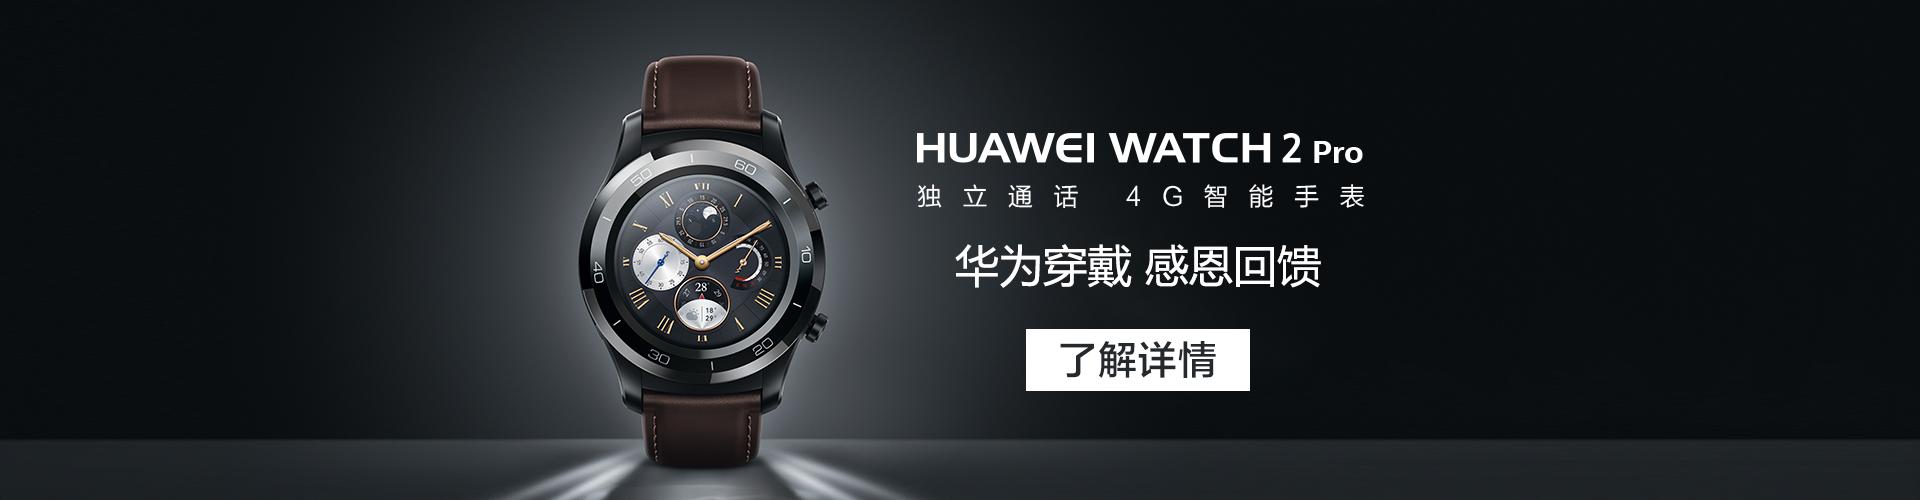 Watch2-Pro1920.jpg